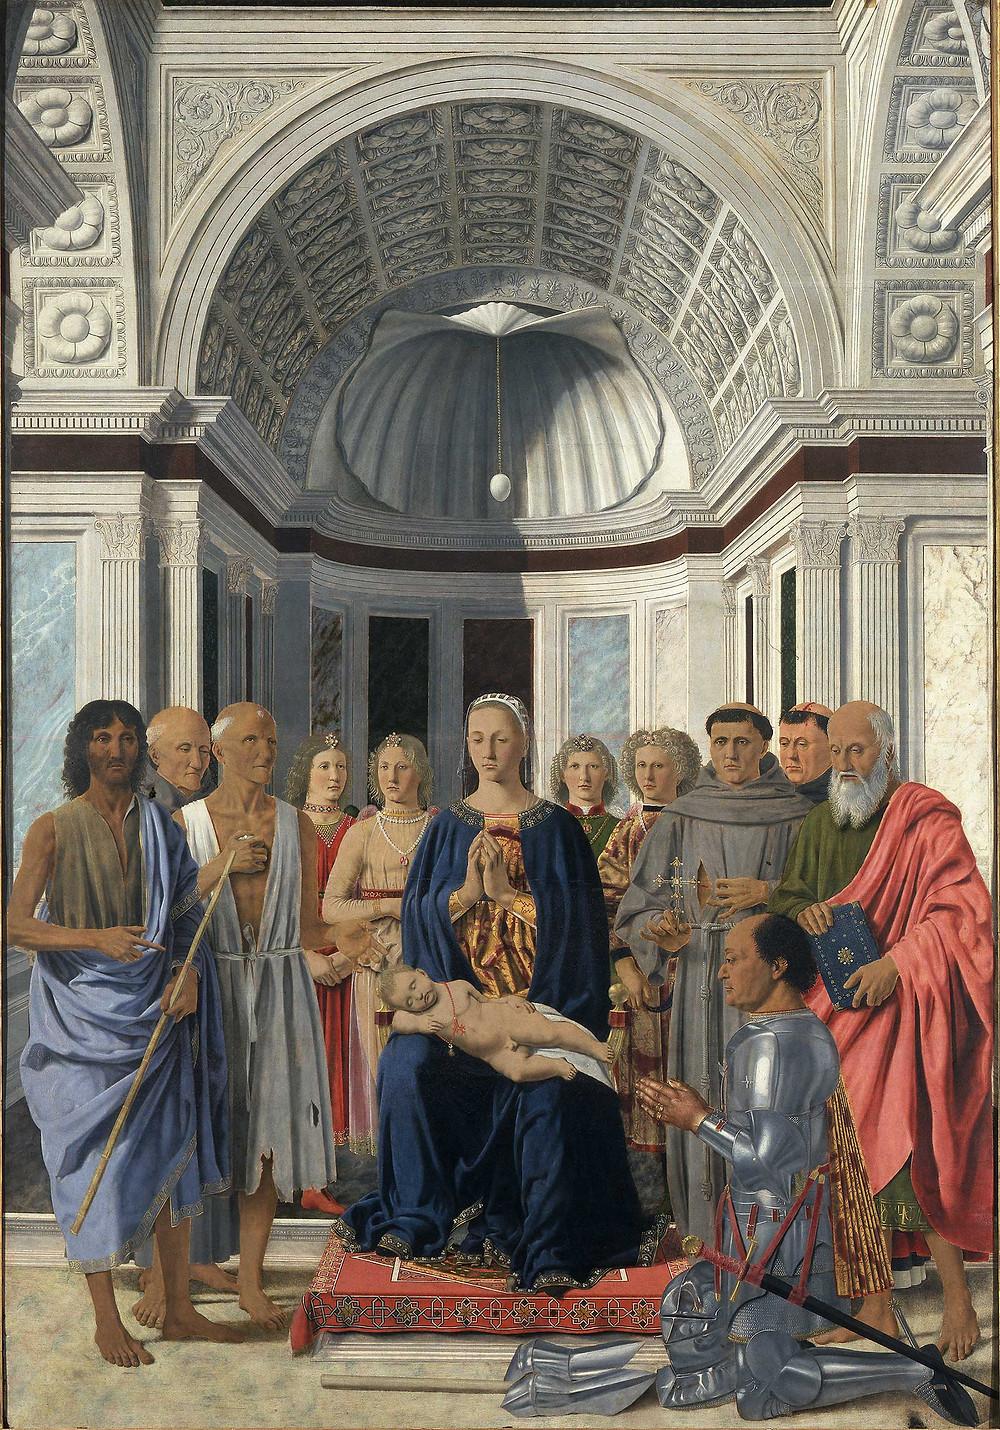 Piero della Francesca, Montefeltro Altarpiece, 1472-74